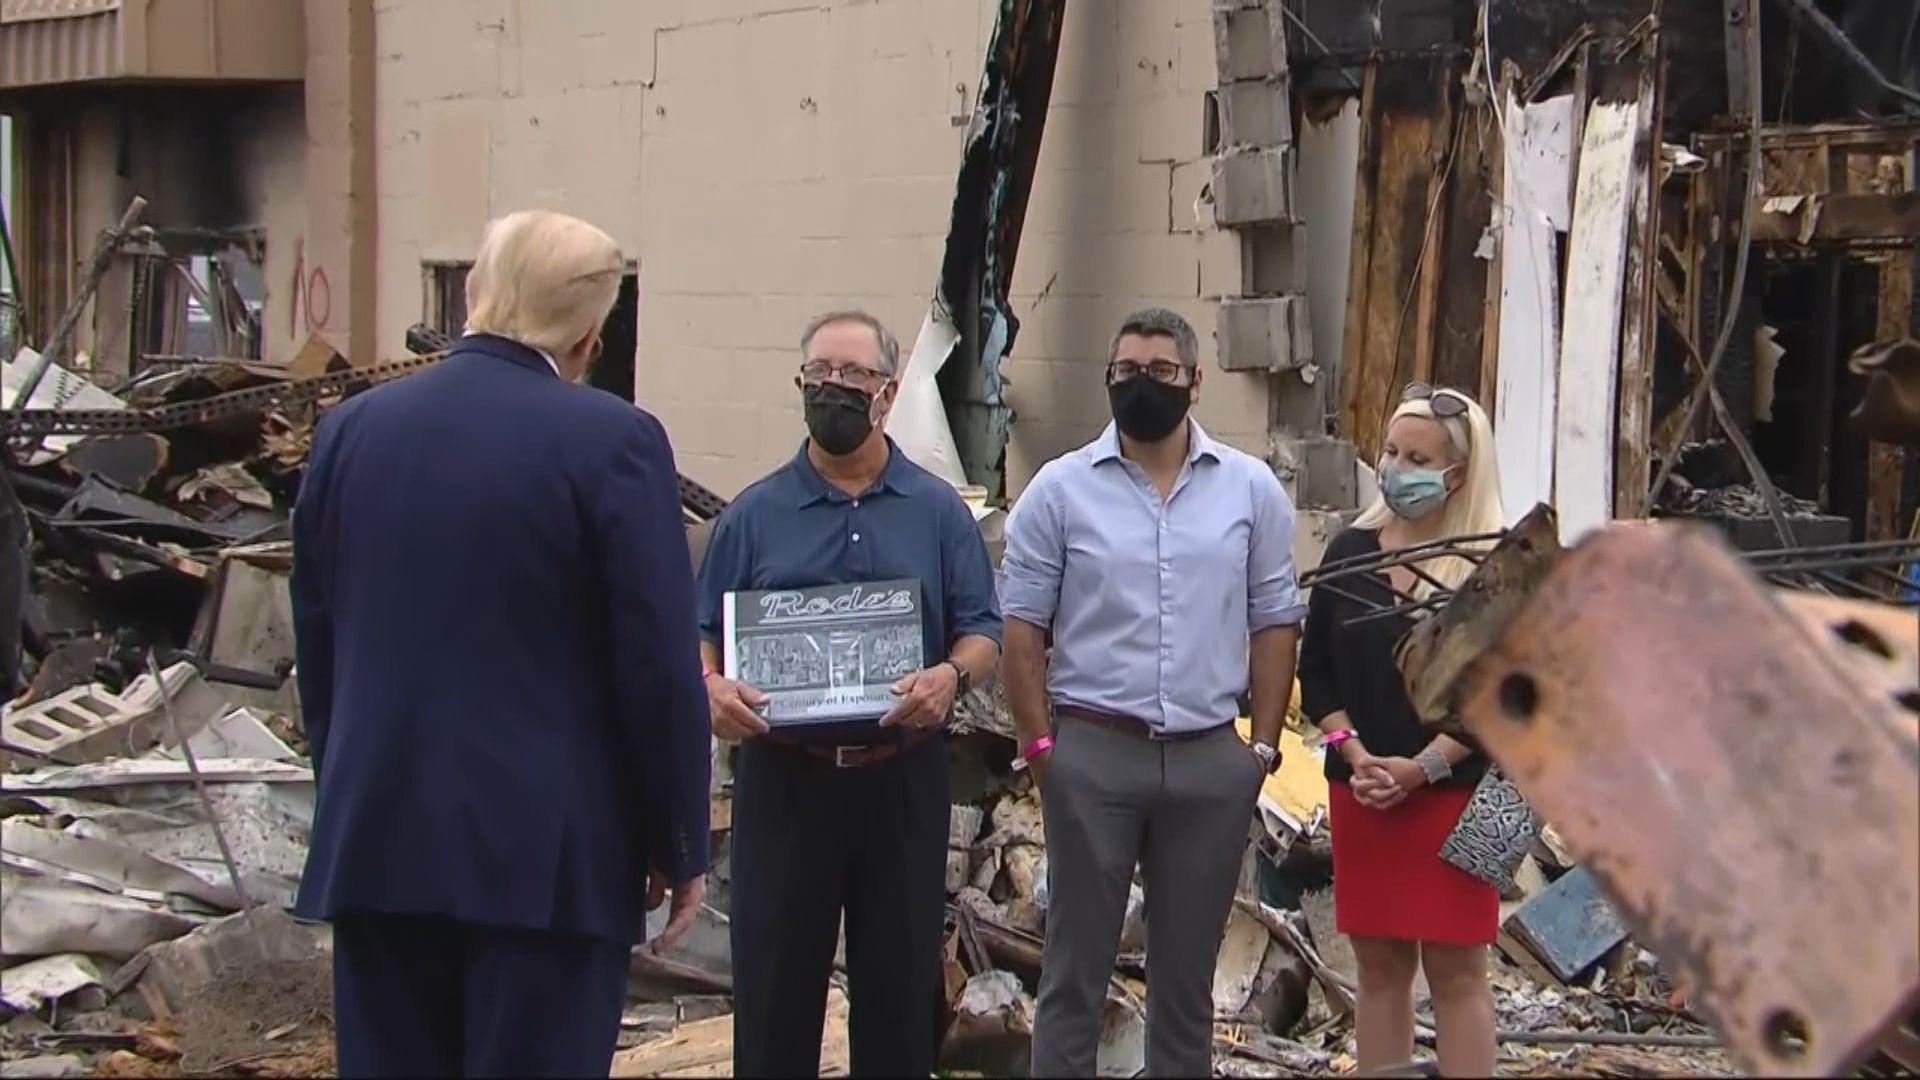 基諾沙市爆反種族歧視示威 特朗普允聯邦政府提供款項重建